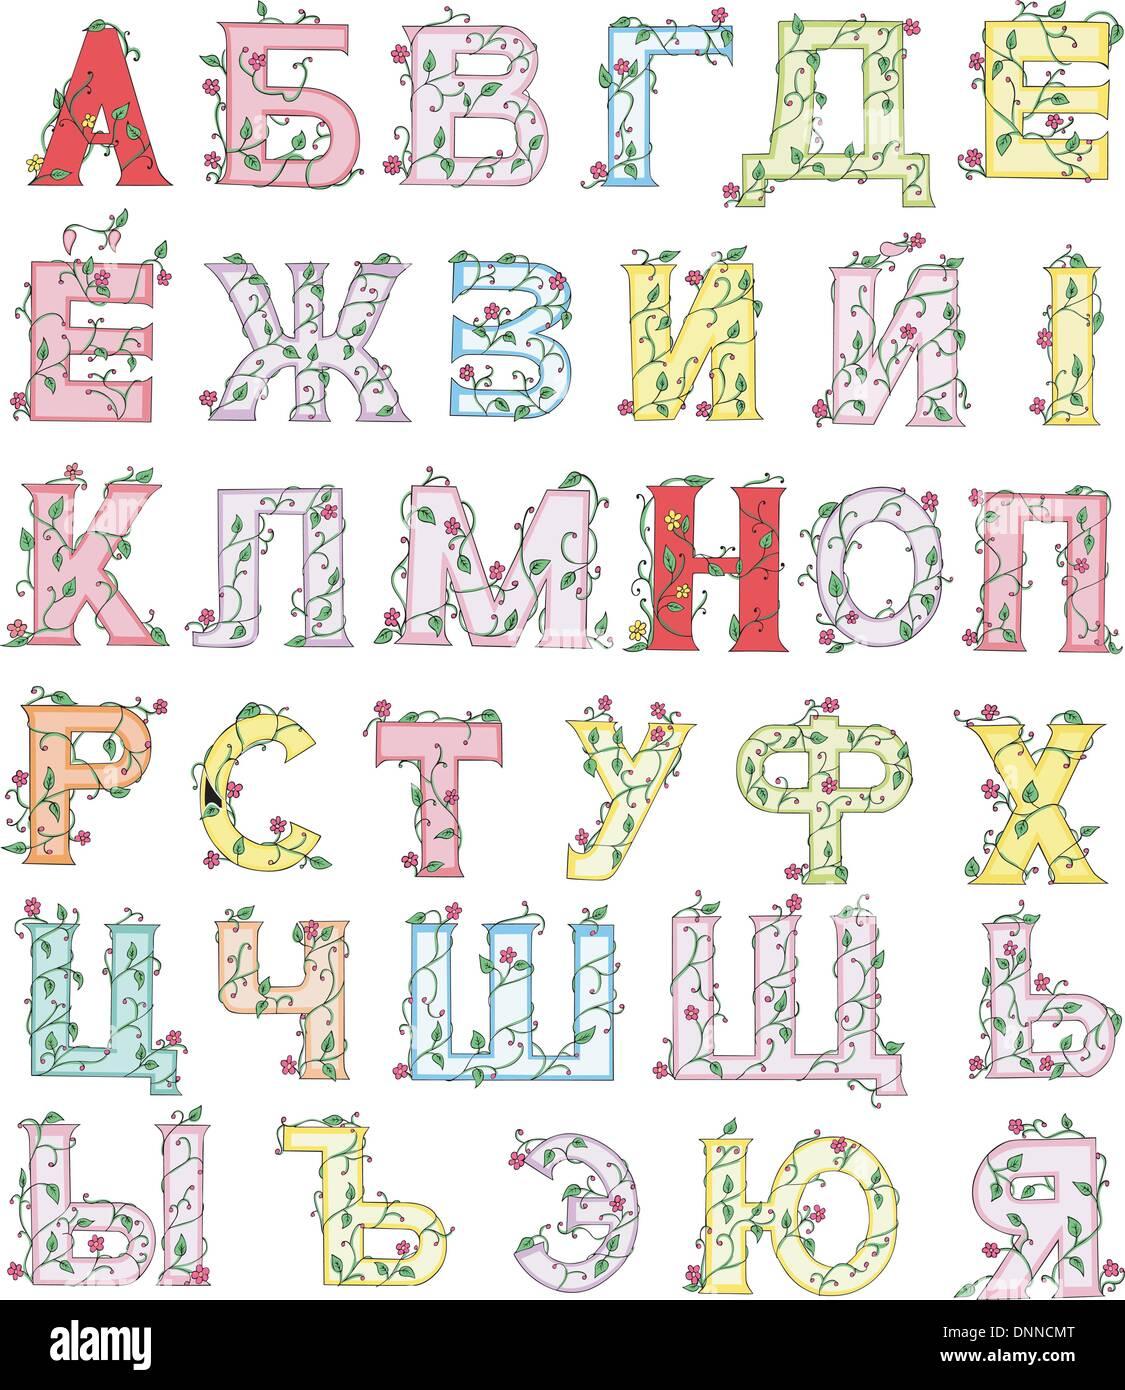 L'alphabet cyrillique (Floral / russe). Série d'illustrations vectorielles colorées. Photo Stock